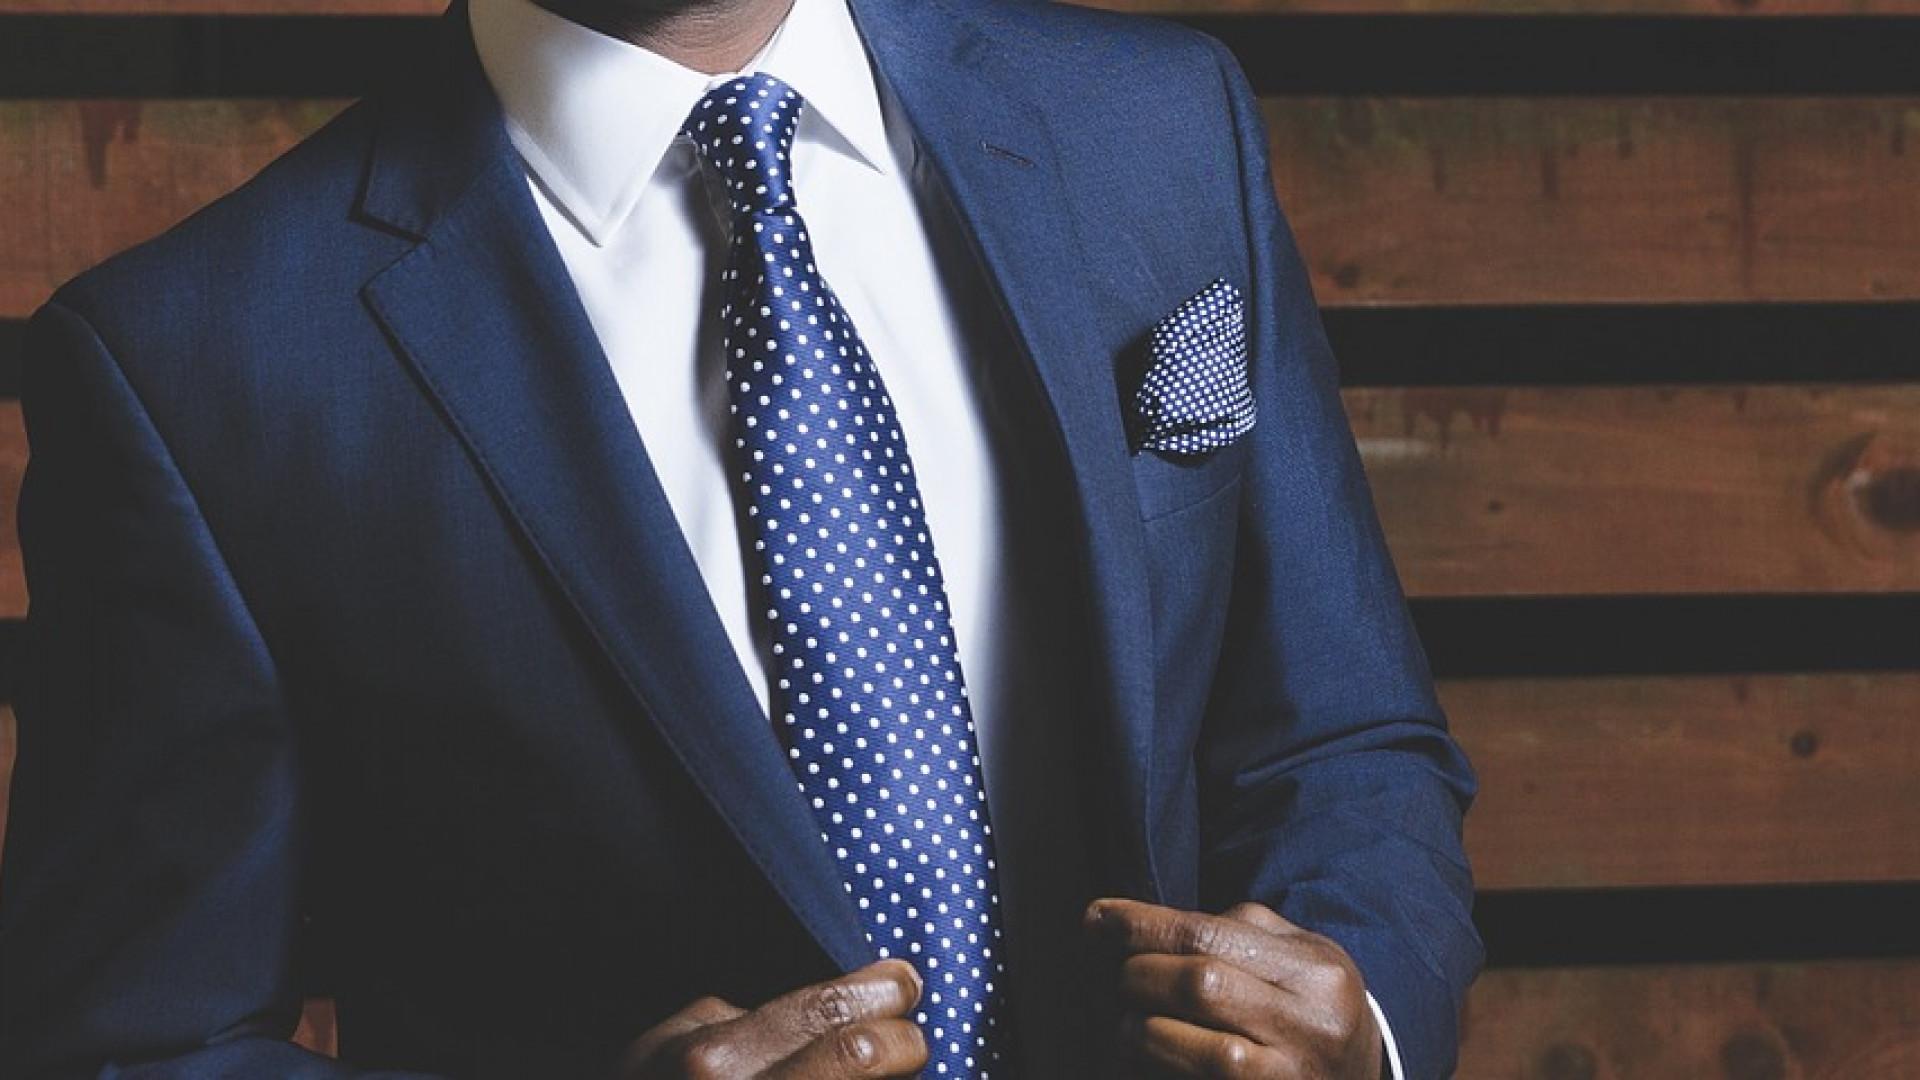 Choisir la bonne chemise pour aller au travail, nos conseils